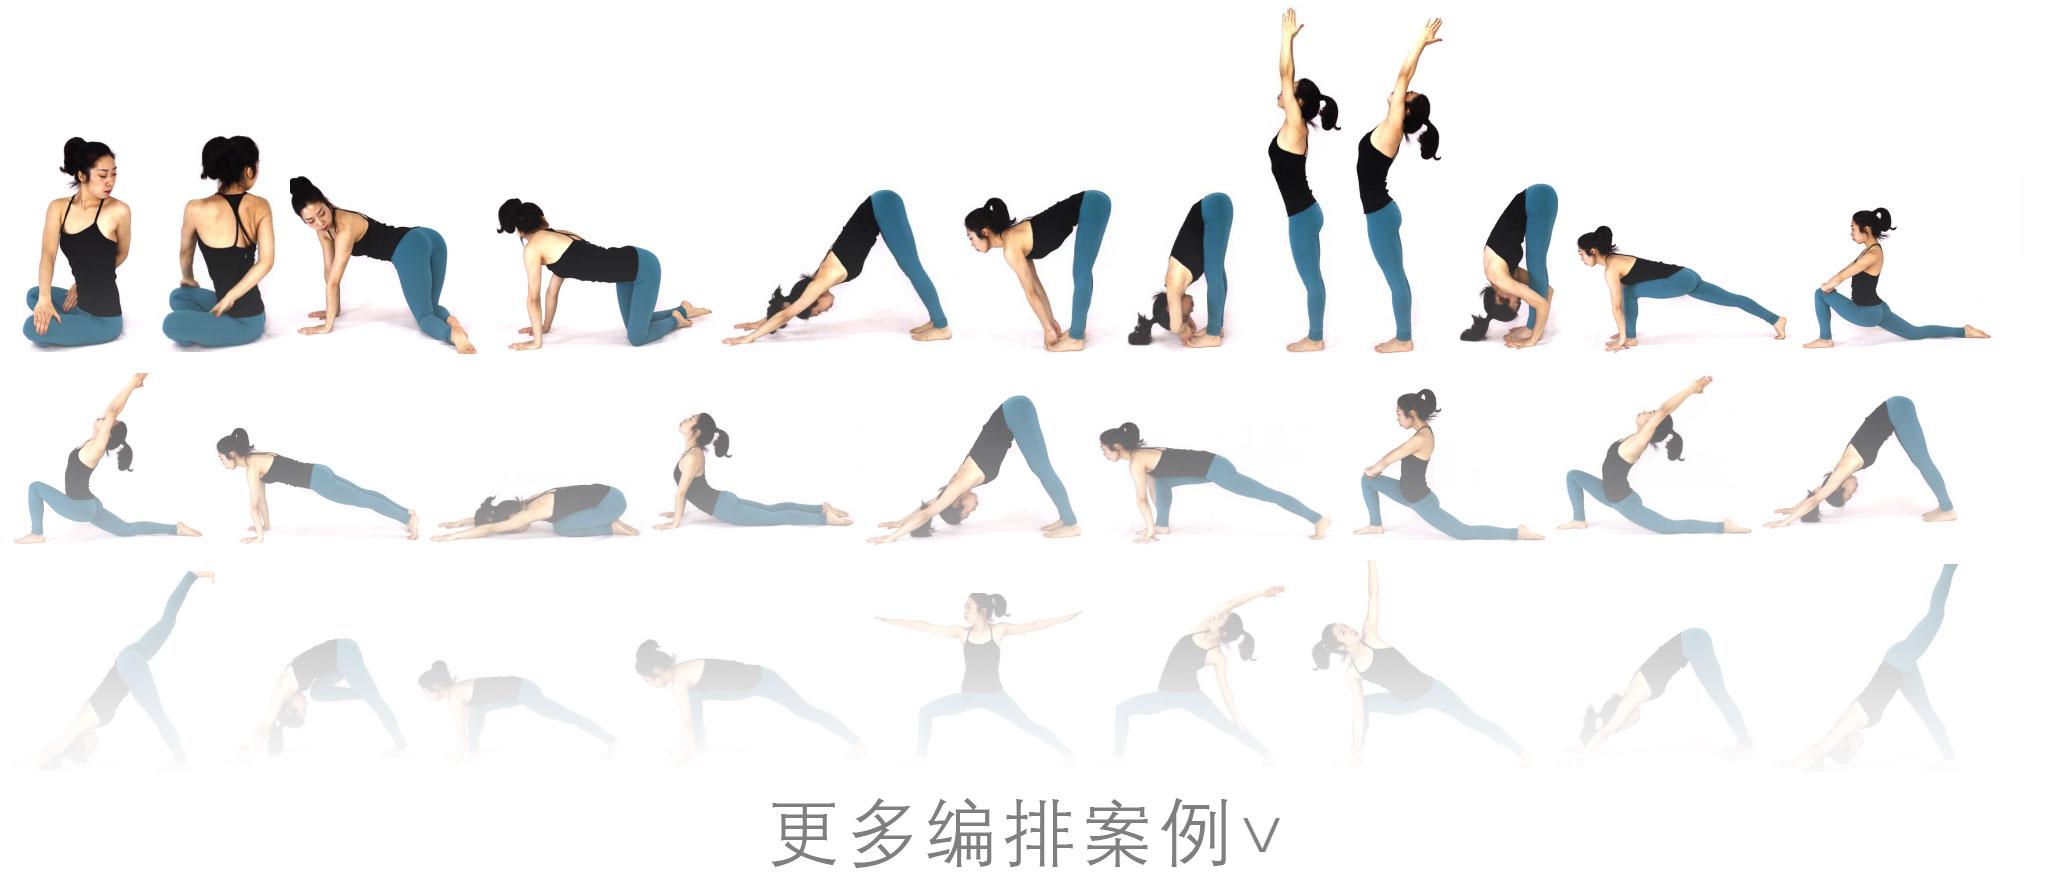 瑜伽课程编排案例